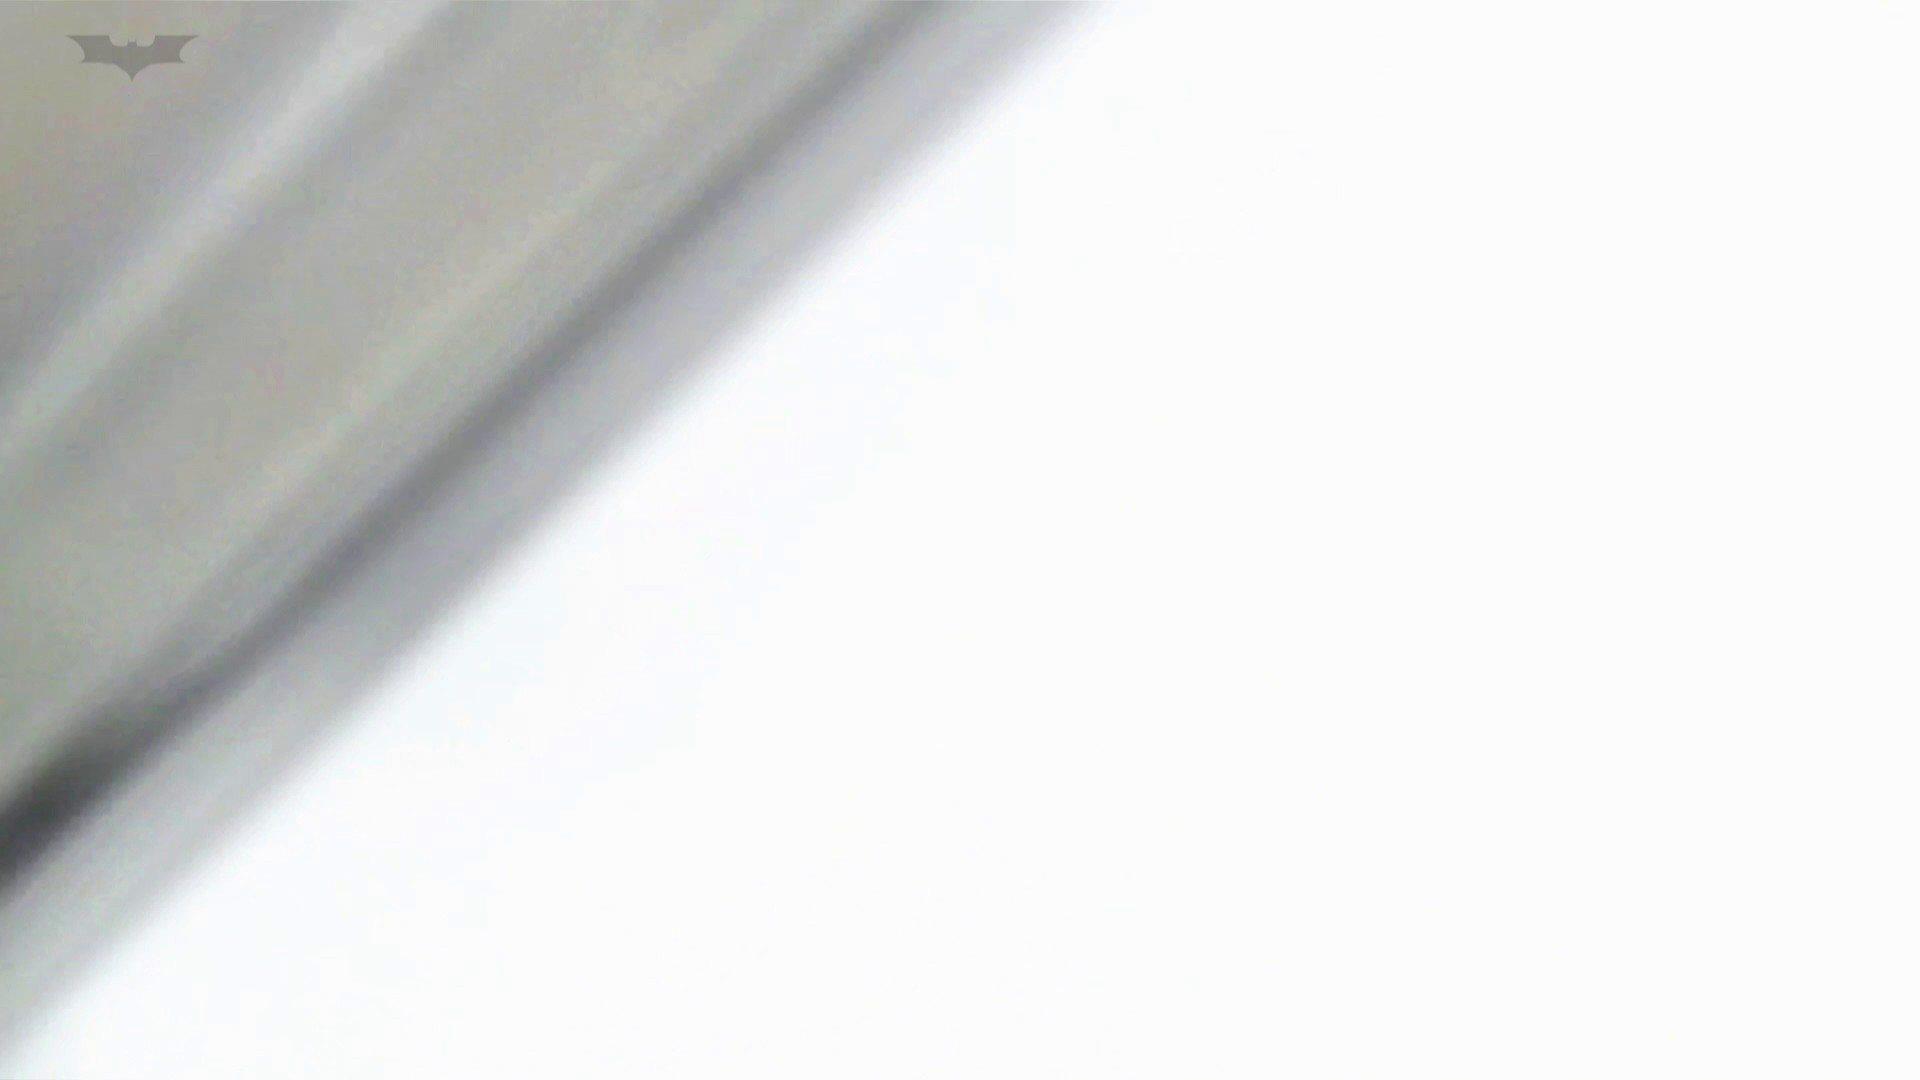 ▲復活限定D▲第三体育館潜入撮File016 執念!前後上下全部撮れた 潜入 | 期間限定  99PIX 79